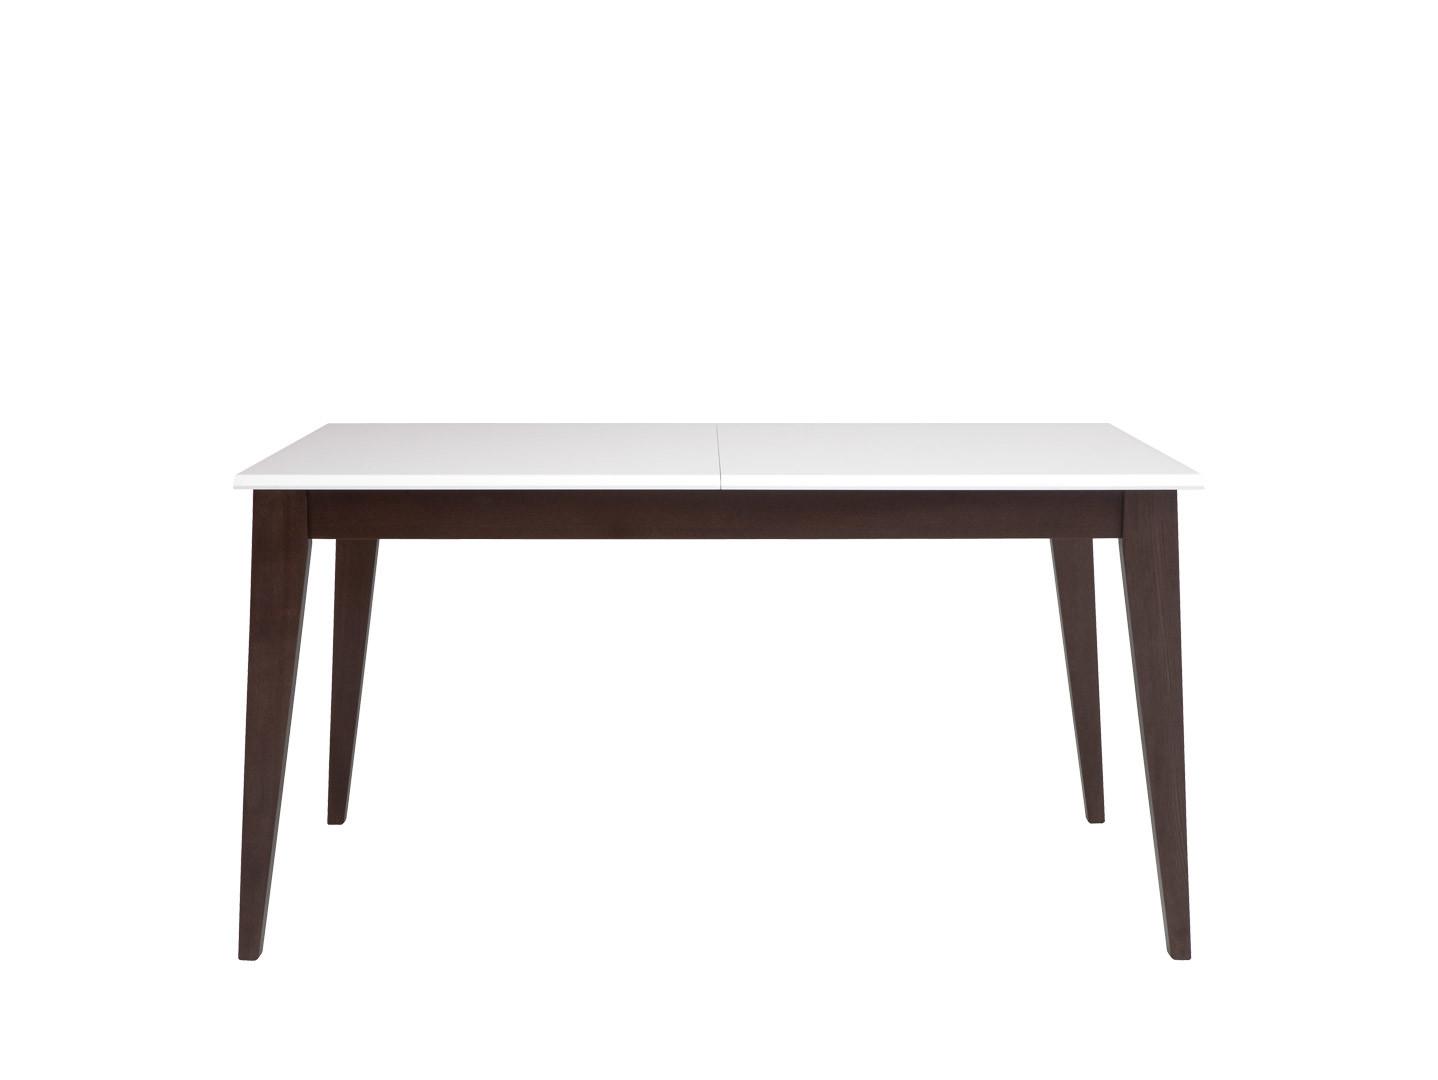 Jedálenský stôl - BRW - Umma (pre 6 až 8 osôb). Sme autorizovaný predajca Black Red White. Vlastná spoľahlivá doprava až k Vám domov.